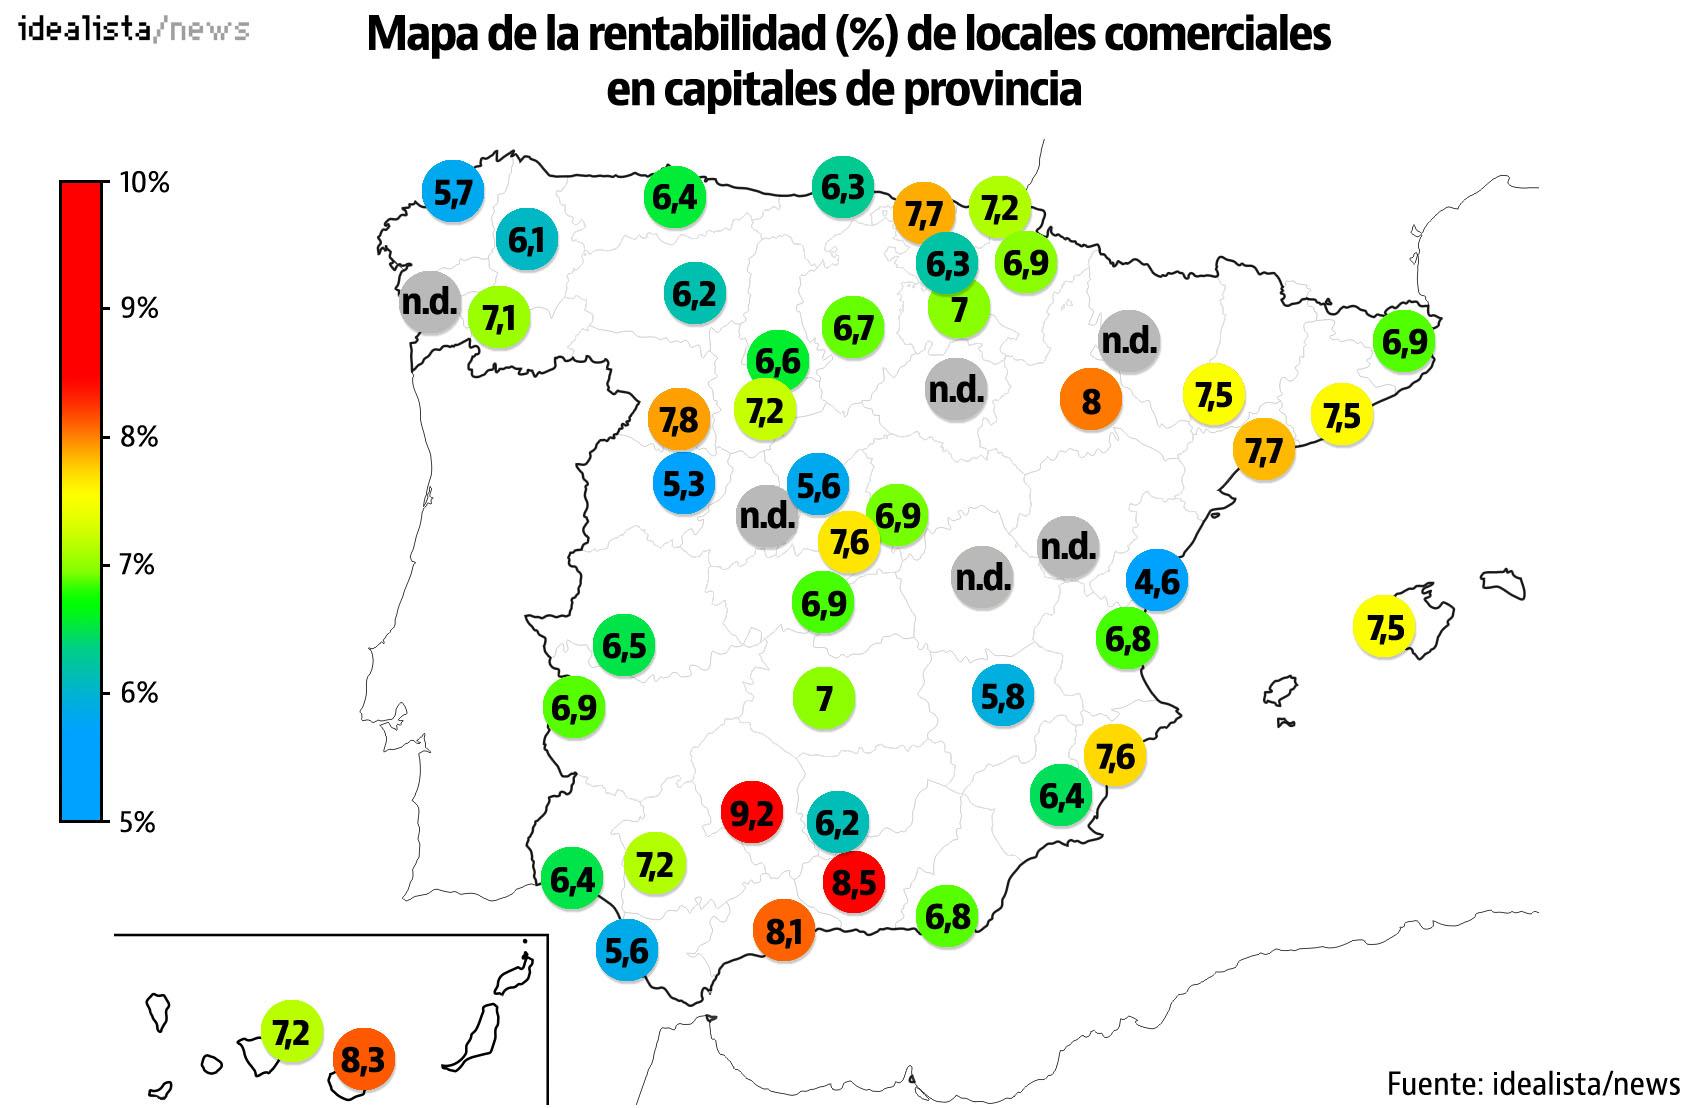 La rentabilidad de los locales comerciales en capitales de provincia